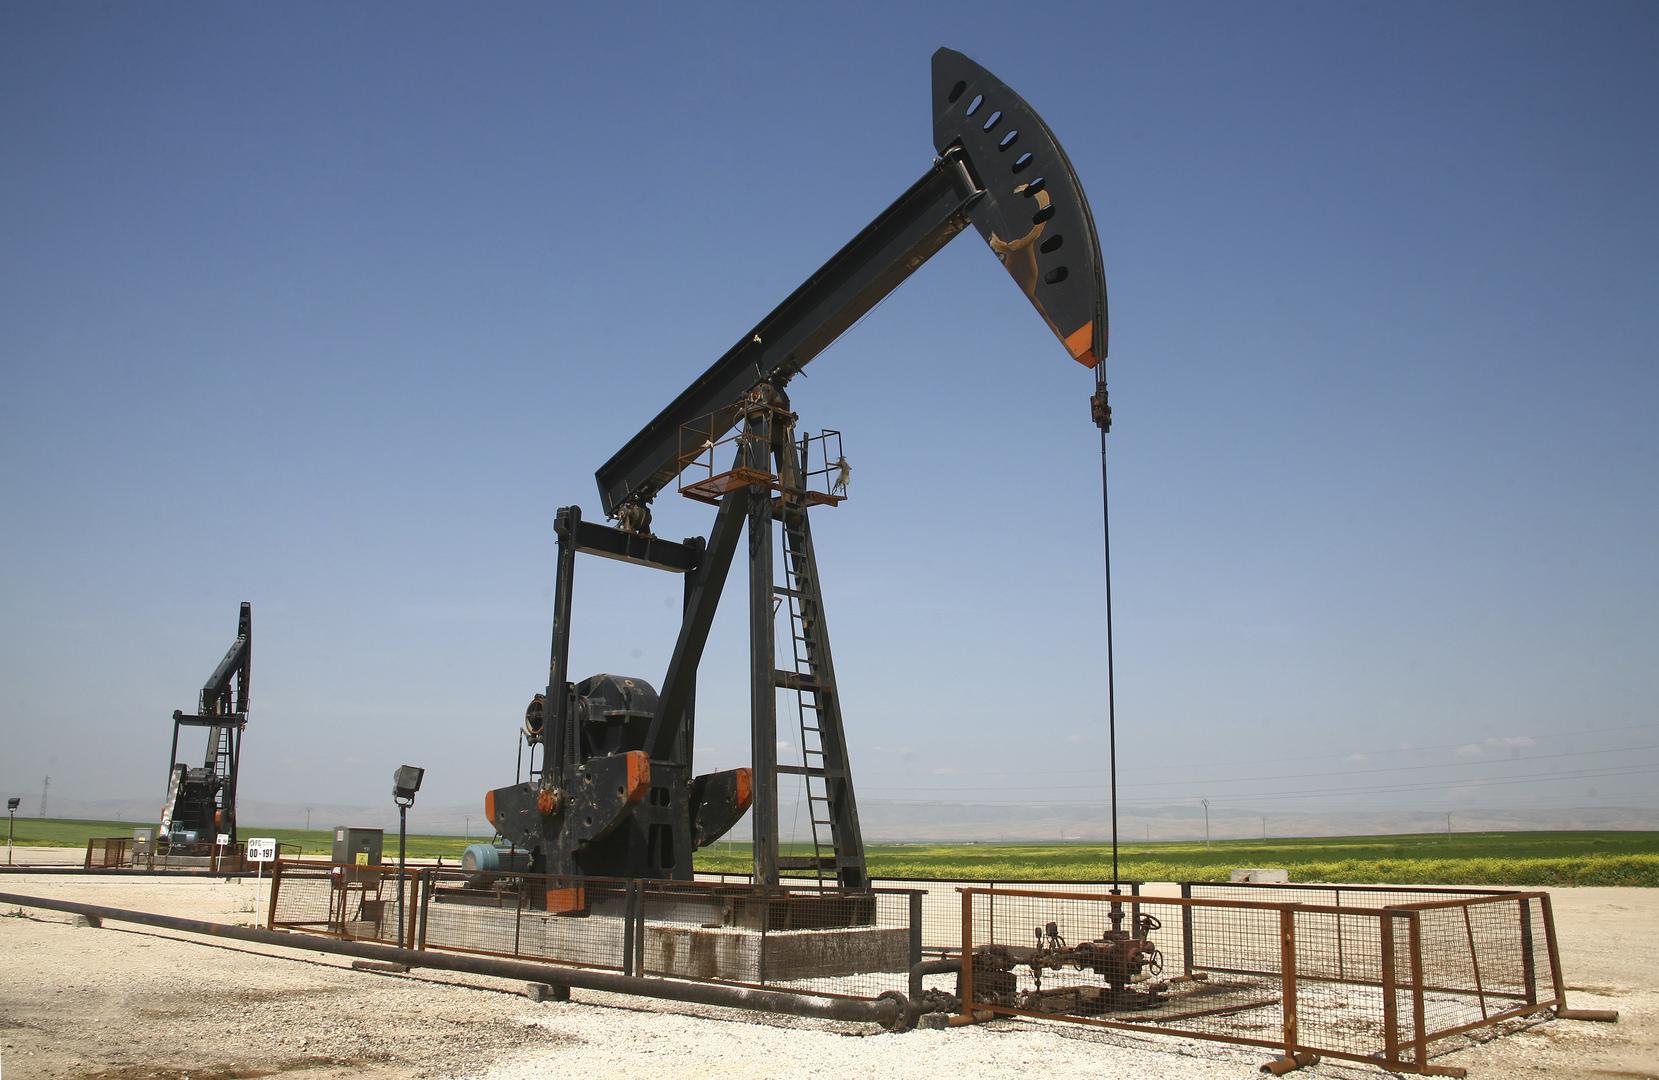 رفع أسعار المشتقات النفطية في شمال سوريا  بنسب هي الأعلى